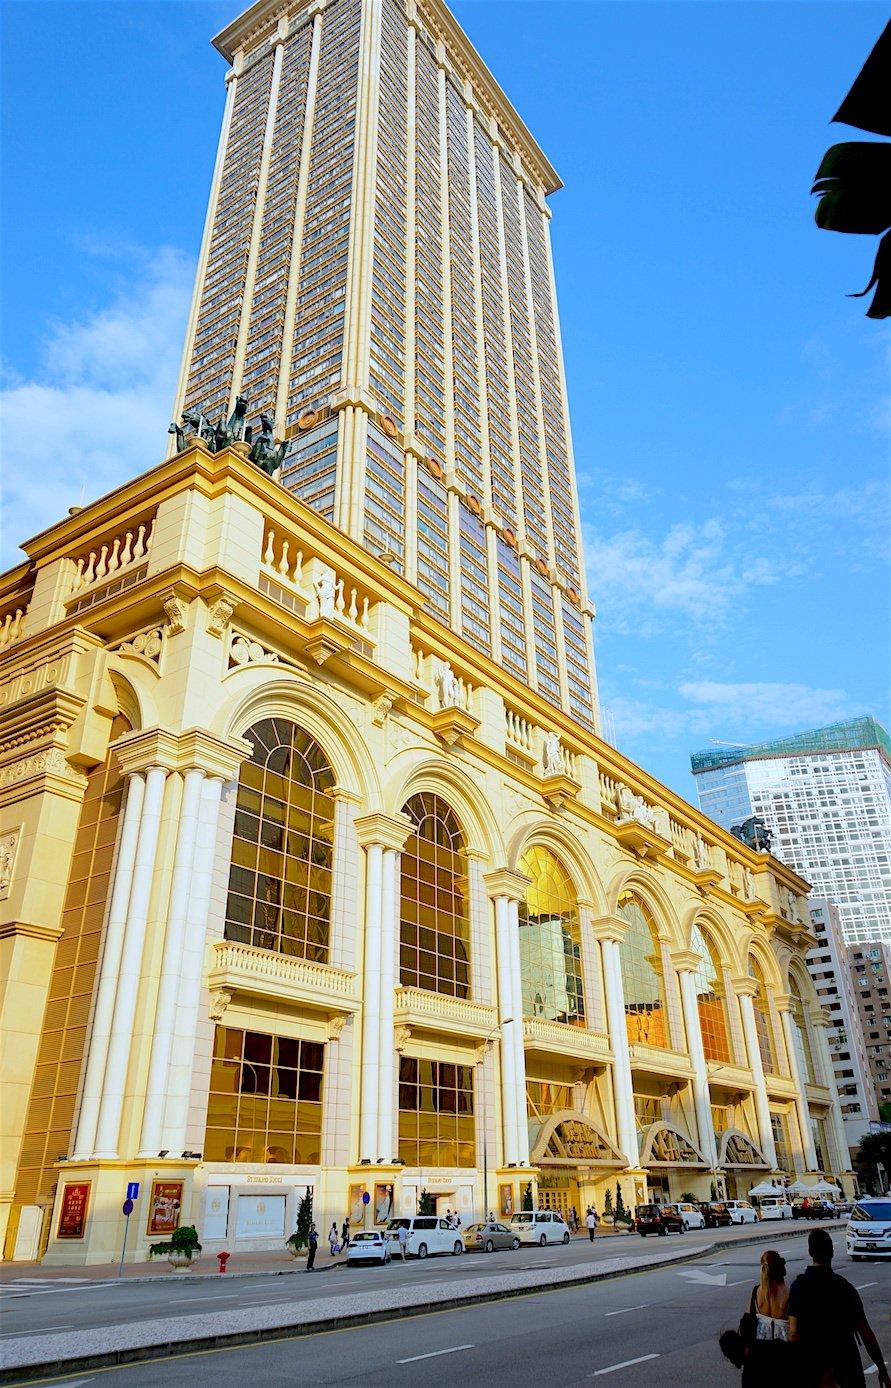 L'Arc Macau